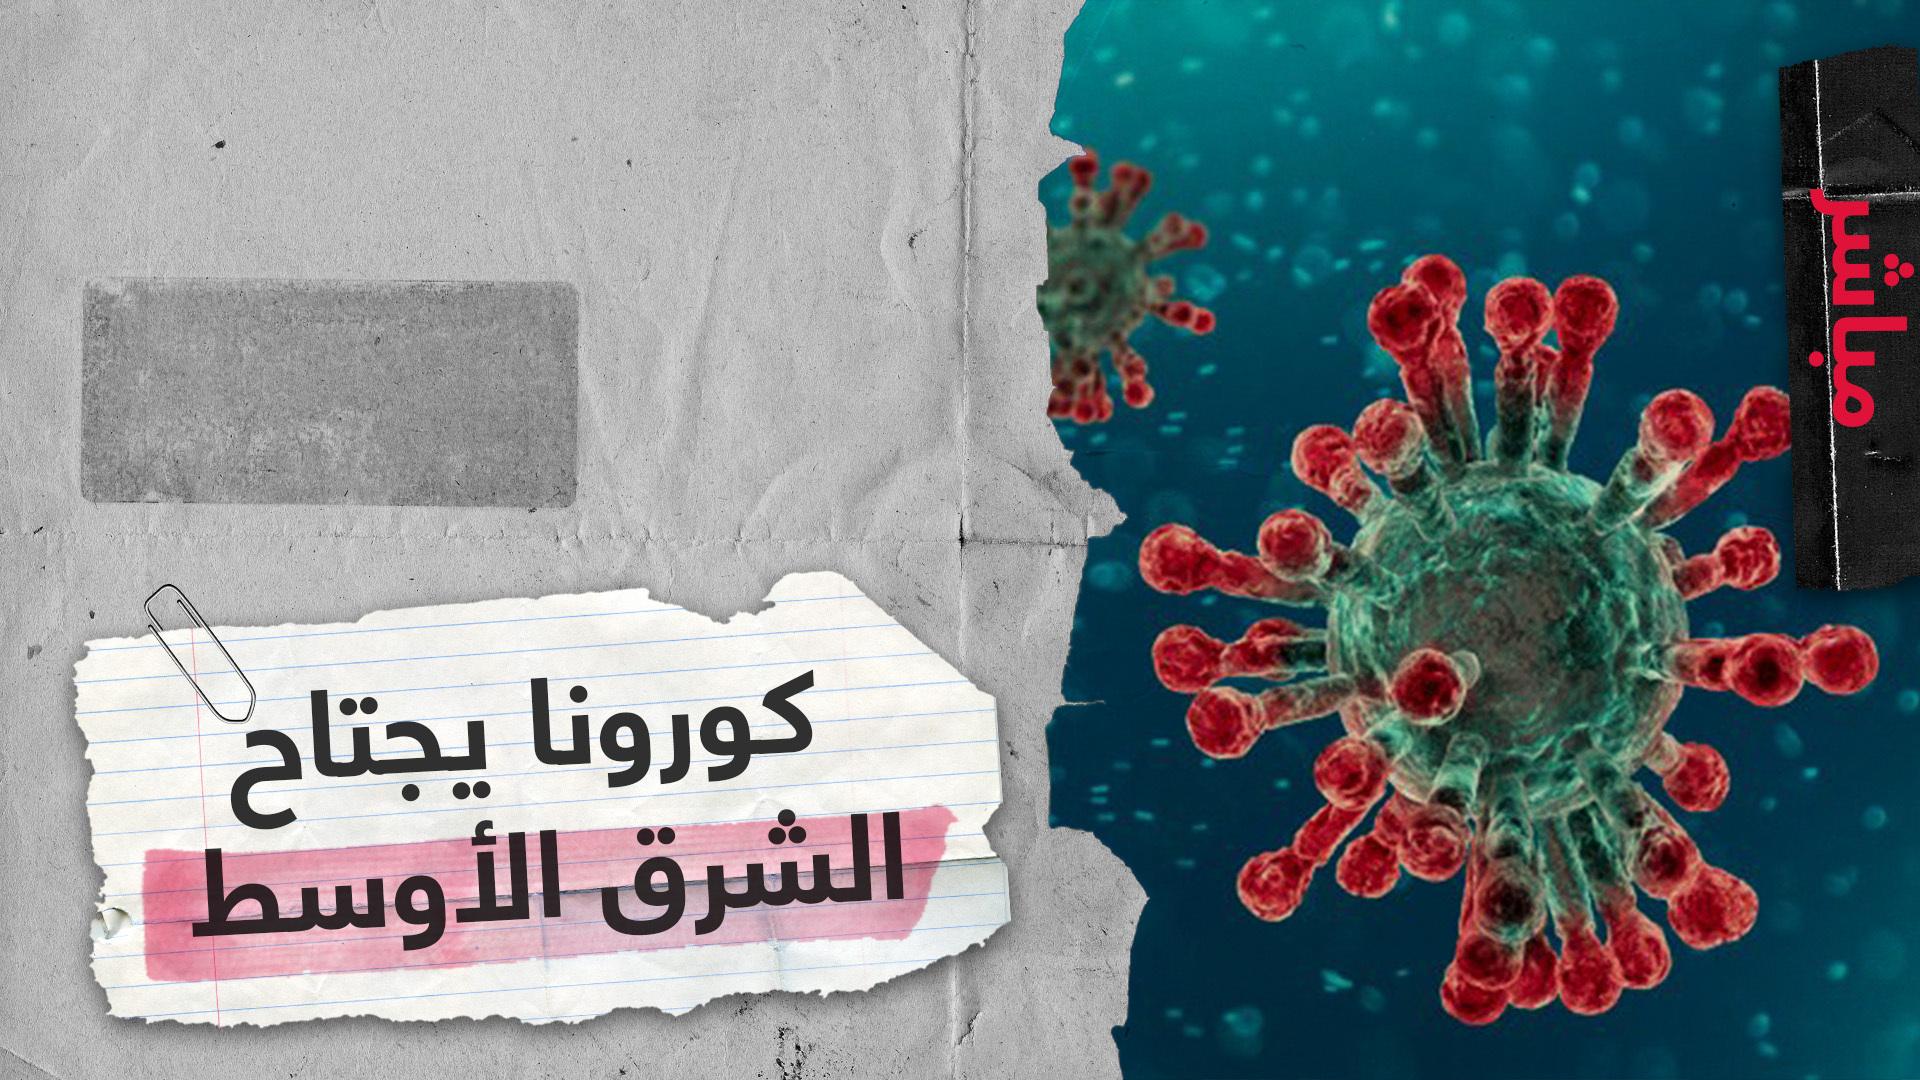 أول إصابة بكورونا في لبنان وإسرائيل.. وإيران تخشى تفشيه في جميع مدنها